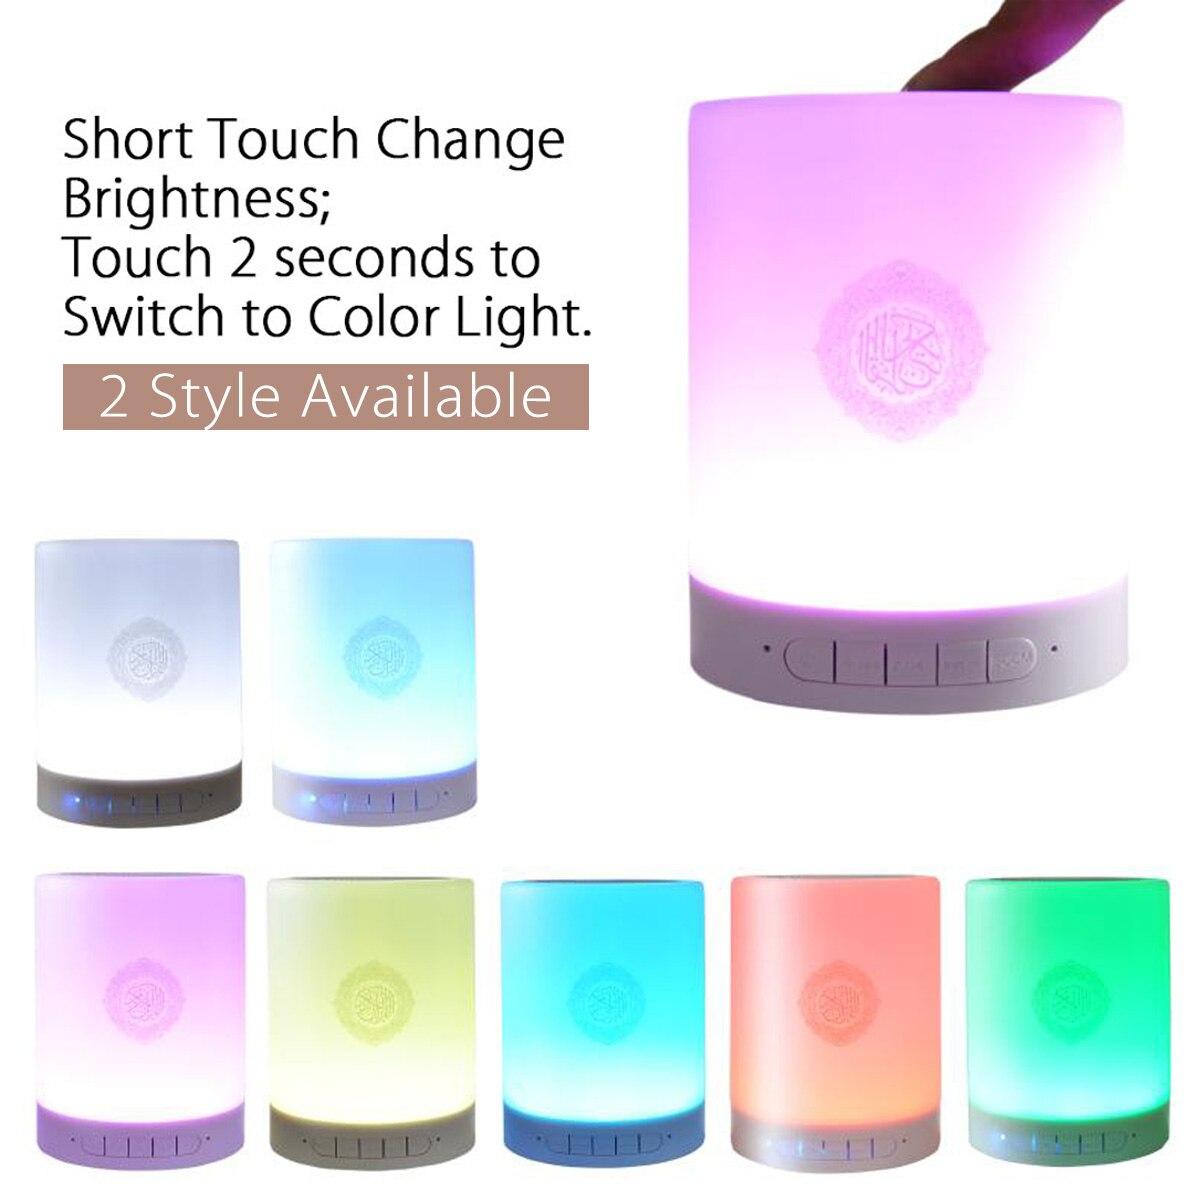 100% QualitäT Kinco Drahtlose Fernbedienung Bluetooth Lautsprecher Protable Quran Lautsprecher Mp3 Fm Radio Touchs Led Lampe Mit 17 Sprachen